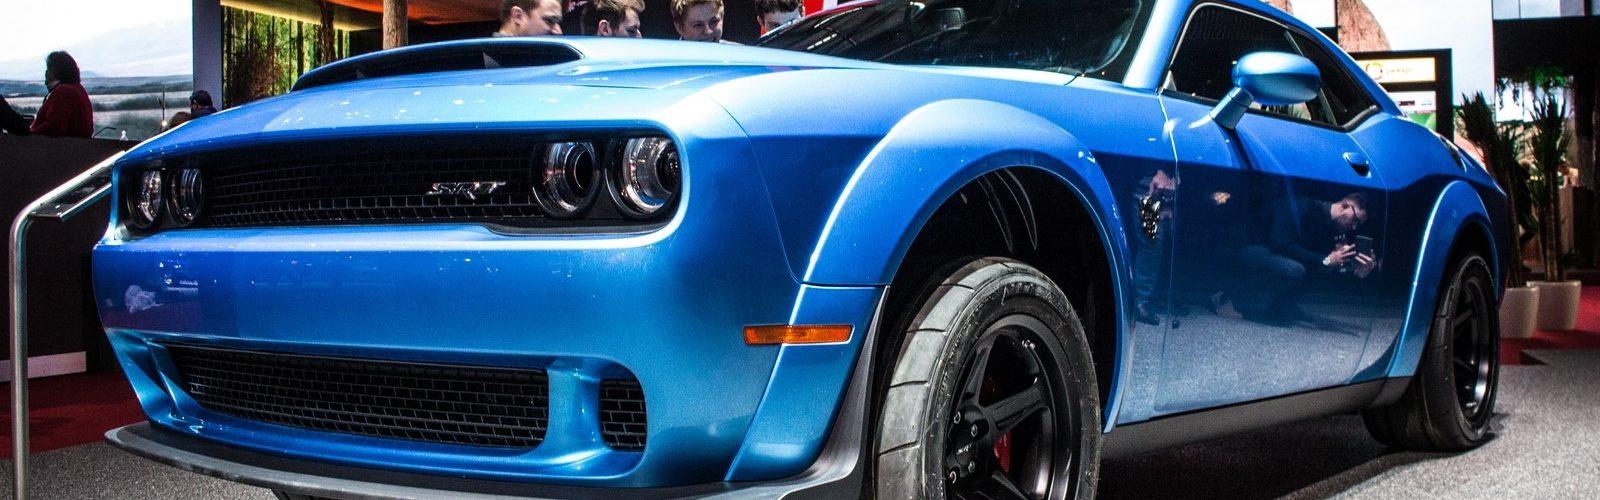 Geneve 2018 Dodge LeNouvelAutomobiliste